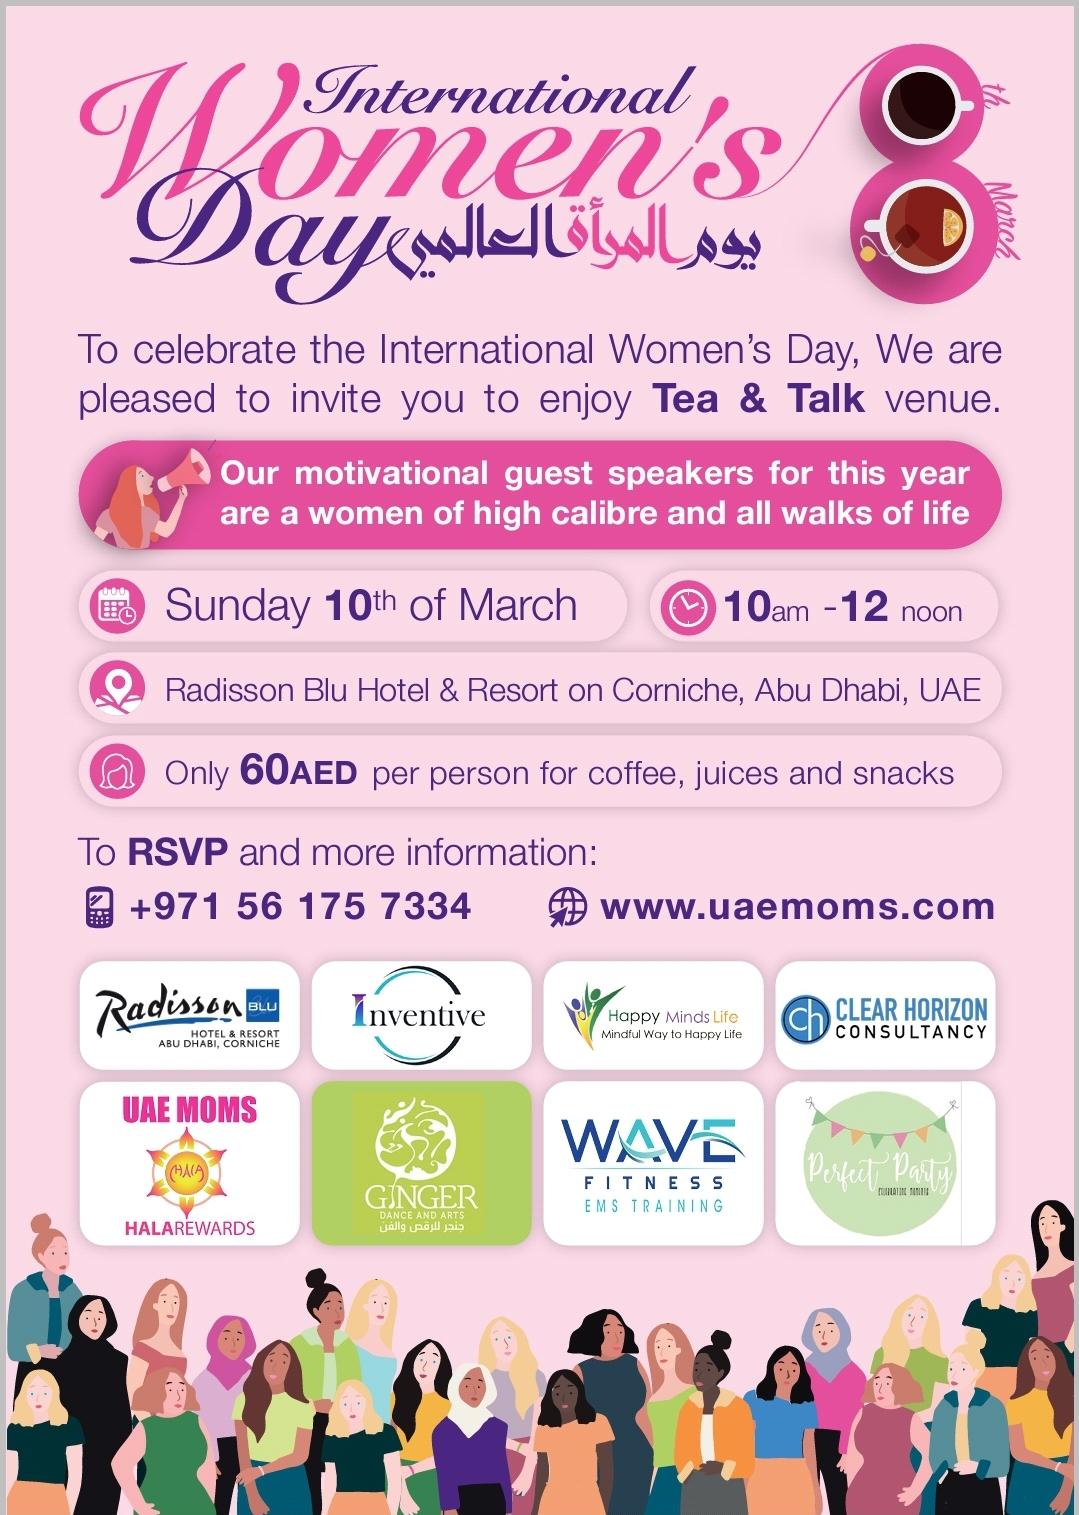 International Women's Day | UAE Moms ملتقى أمهات الامارات